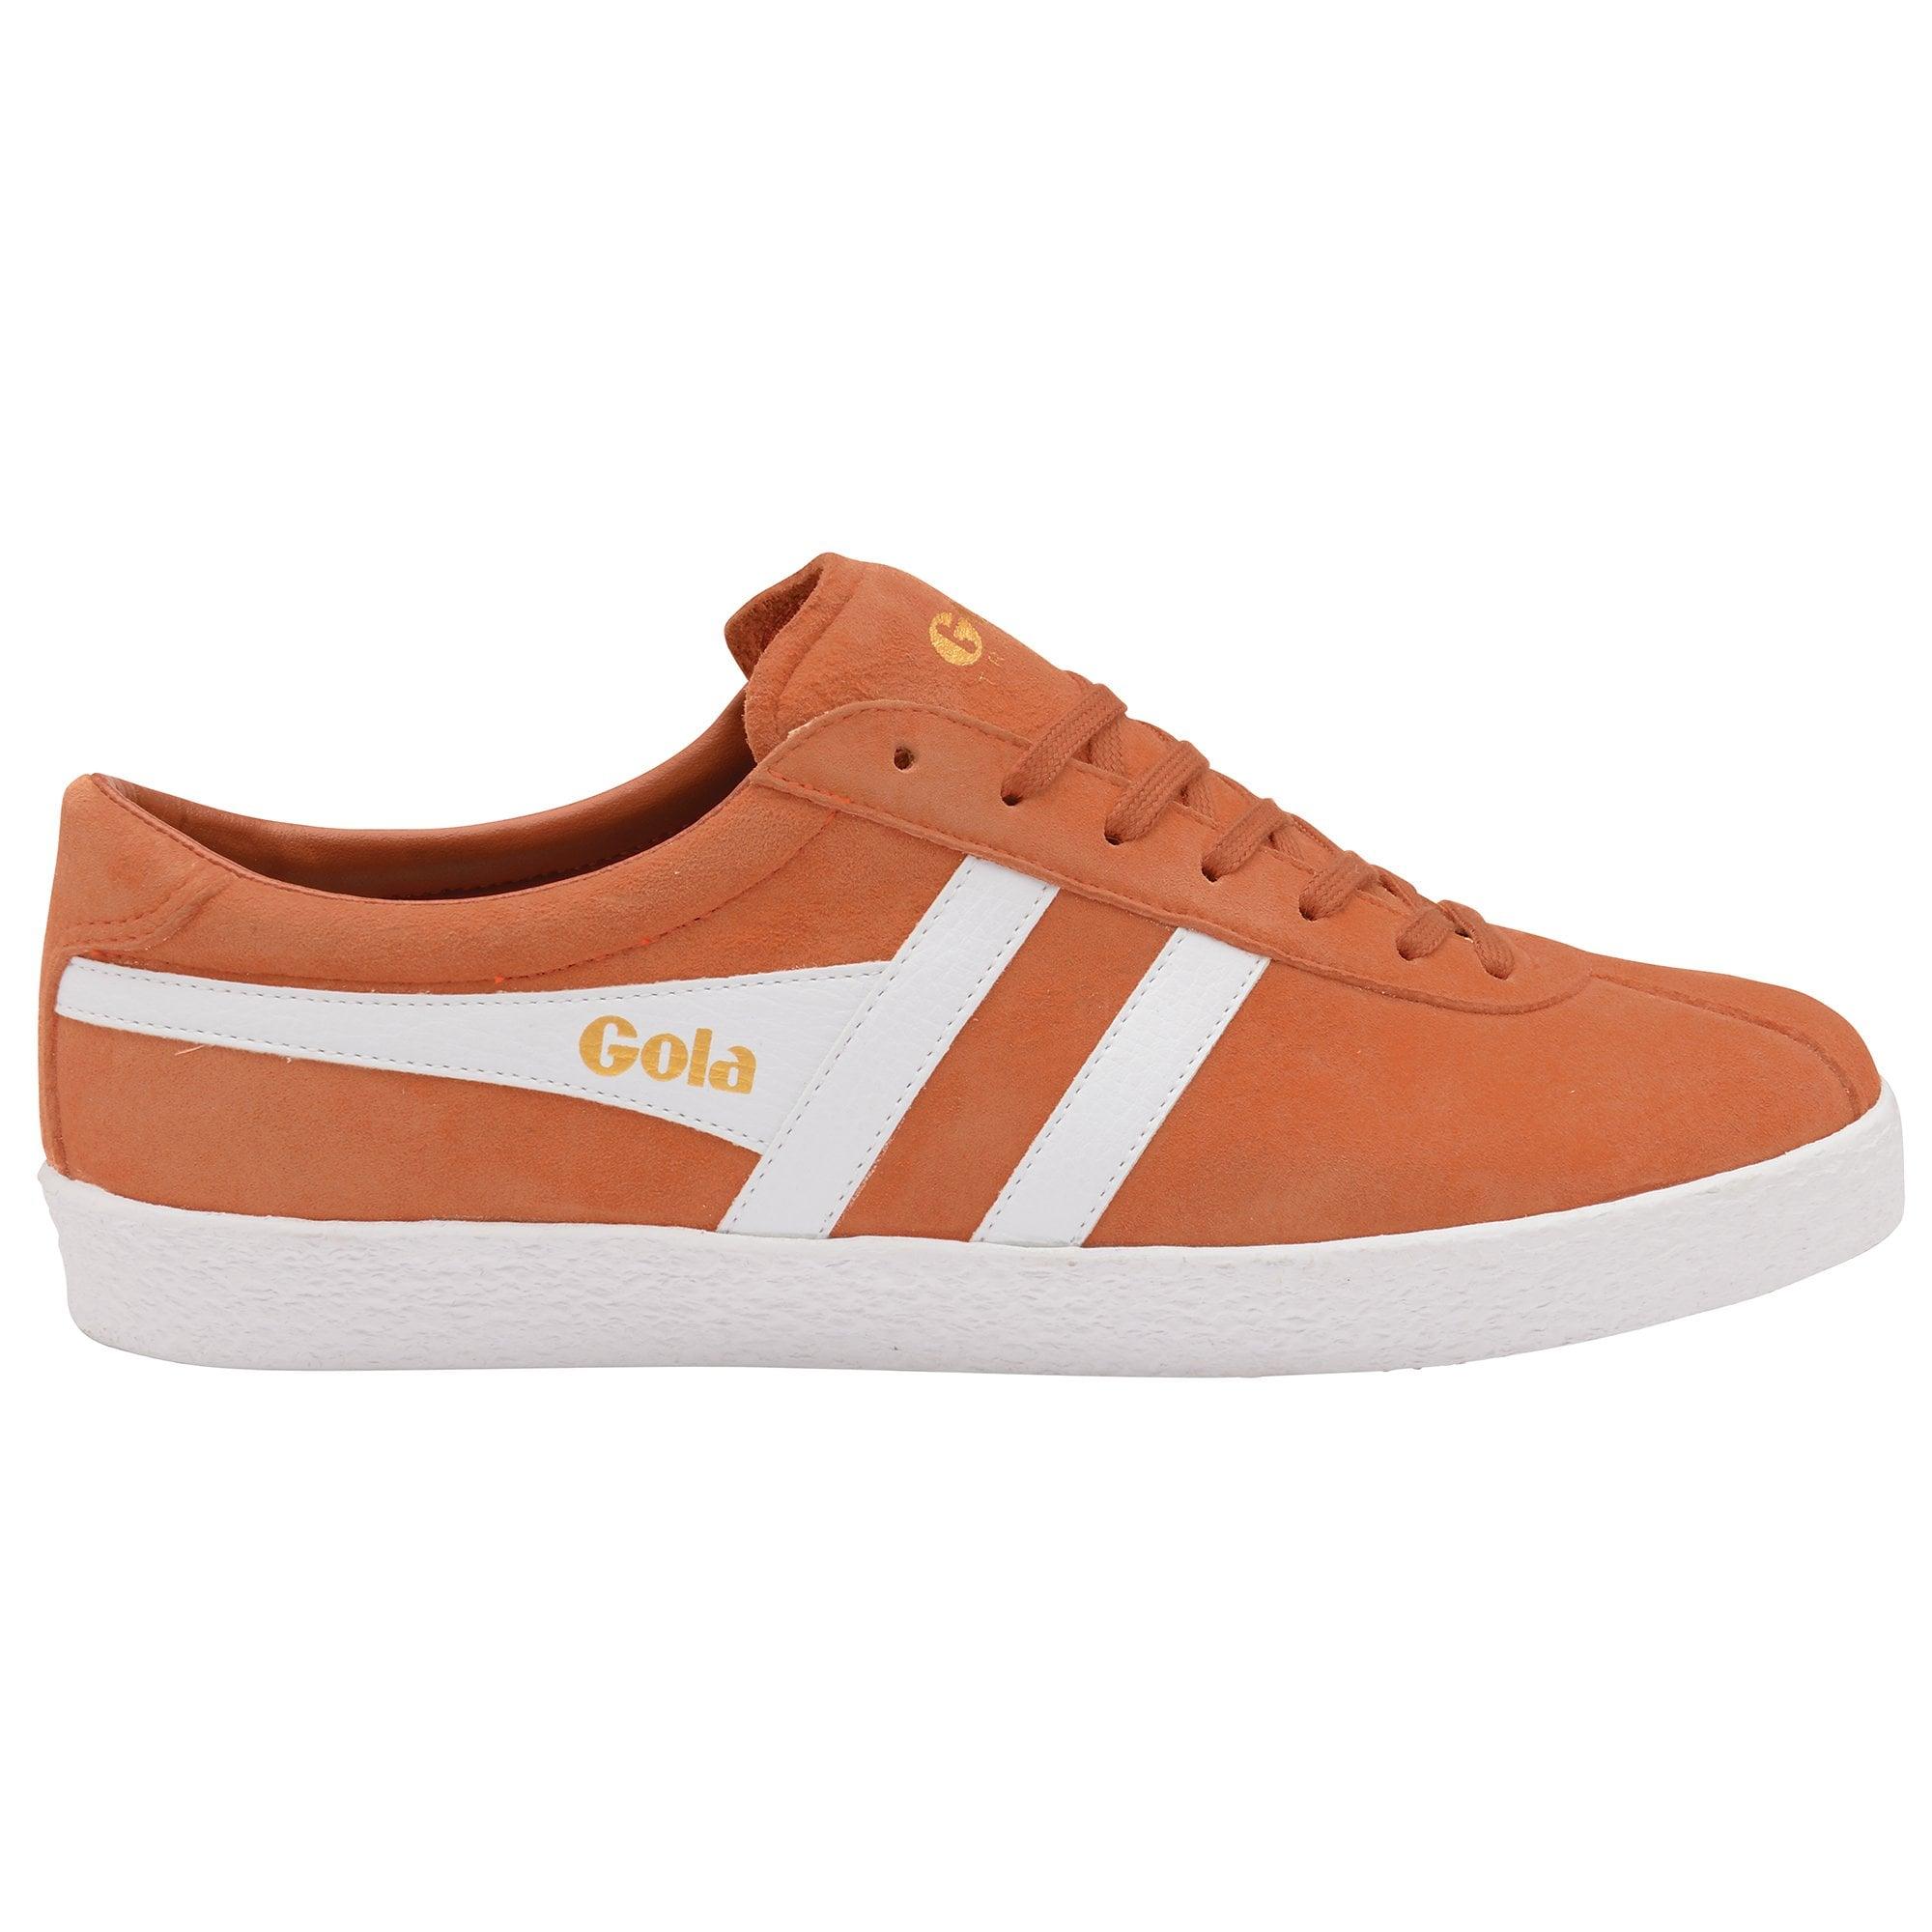 Buy Gola mens Trainer Suede orange